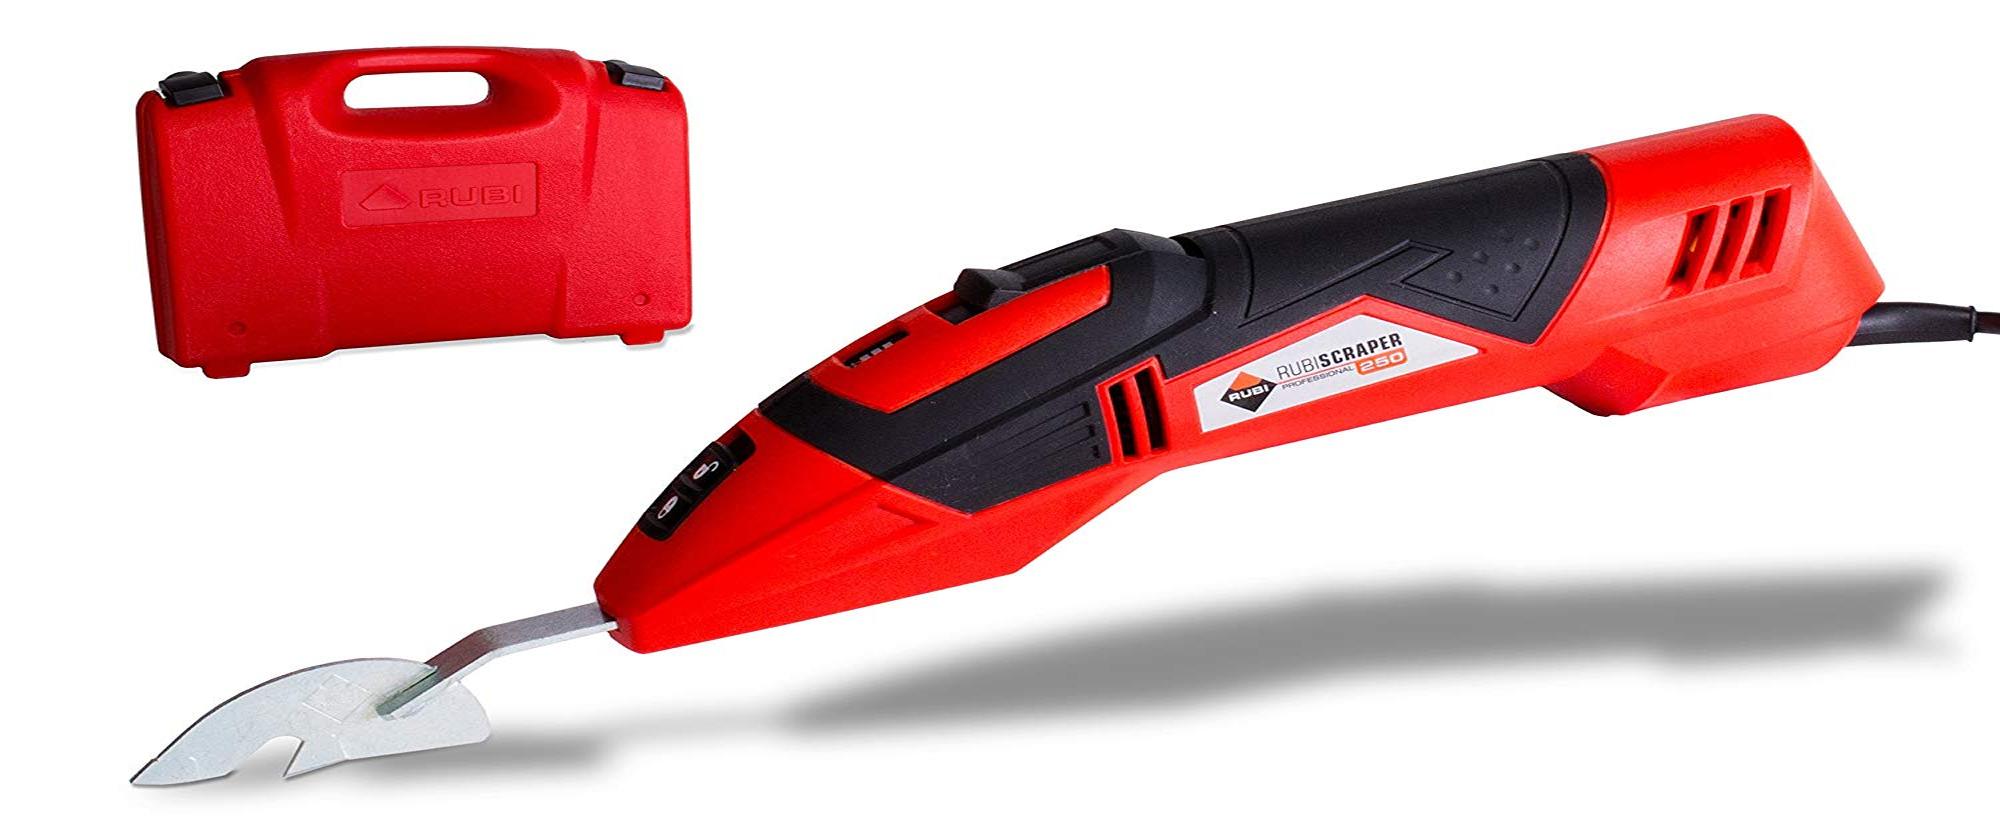 Scraper 250  grout scraper removal tool by Rubi